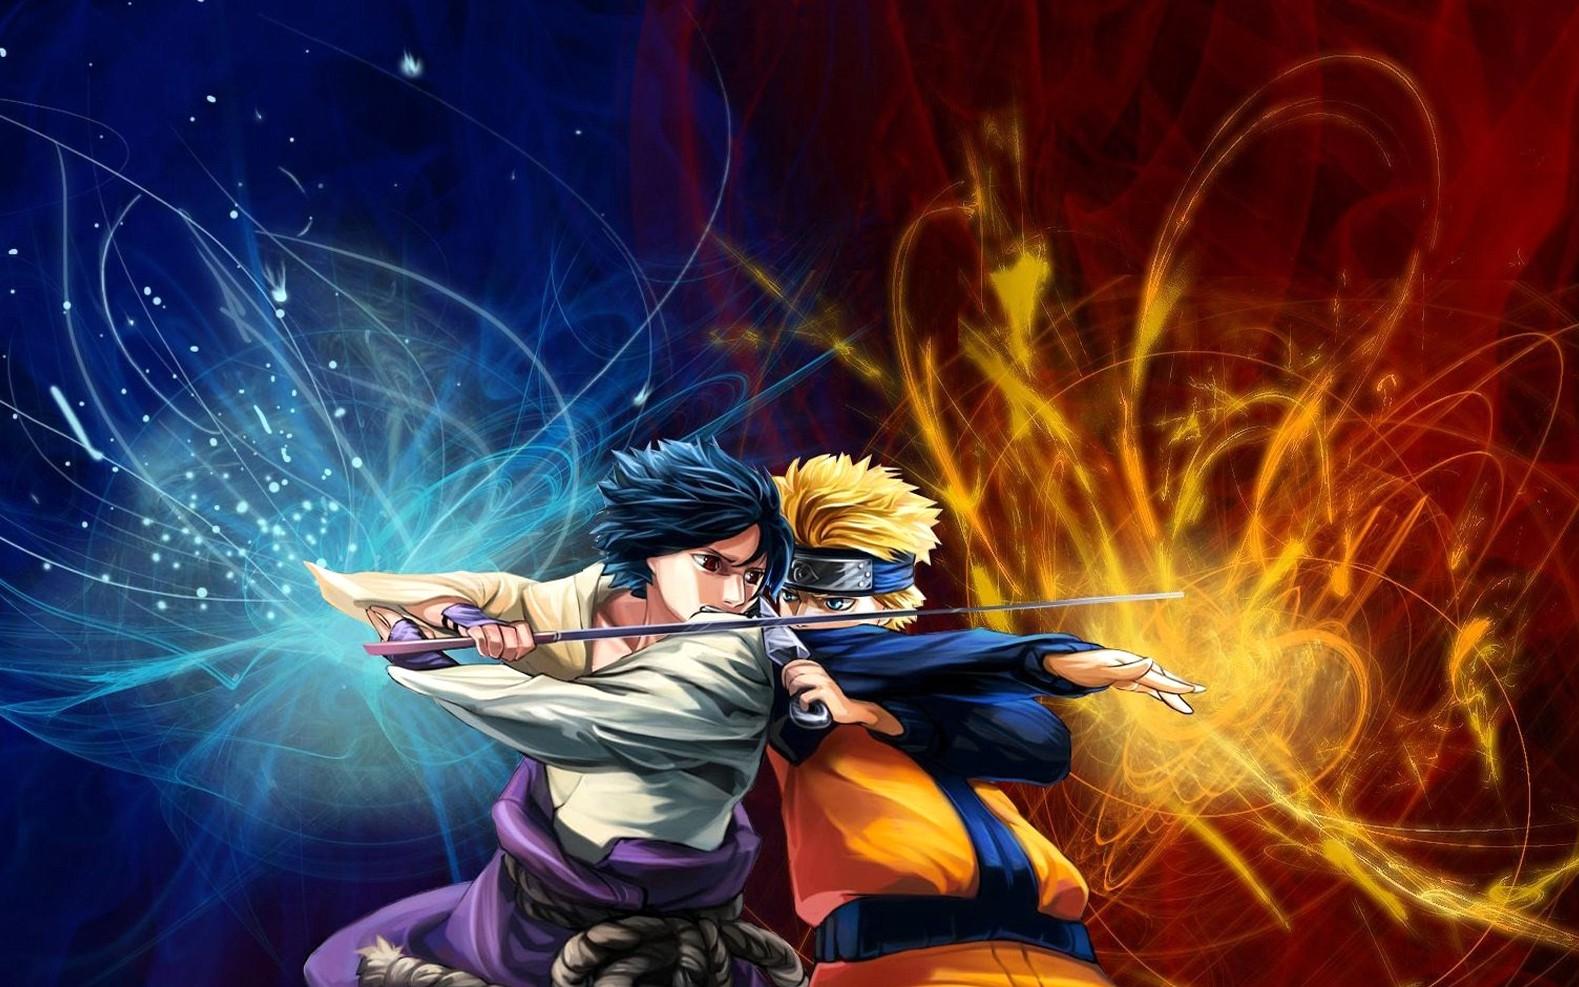 7 70844 naruto vs sasuke anime images hd anime wallpapers